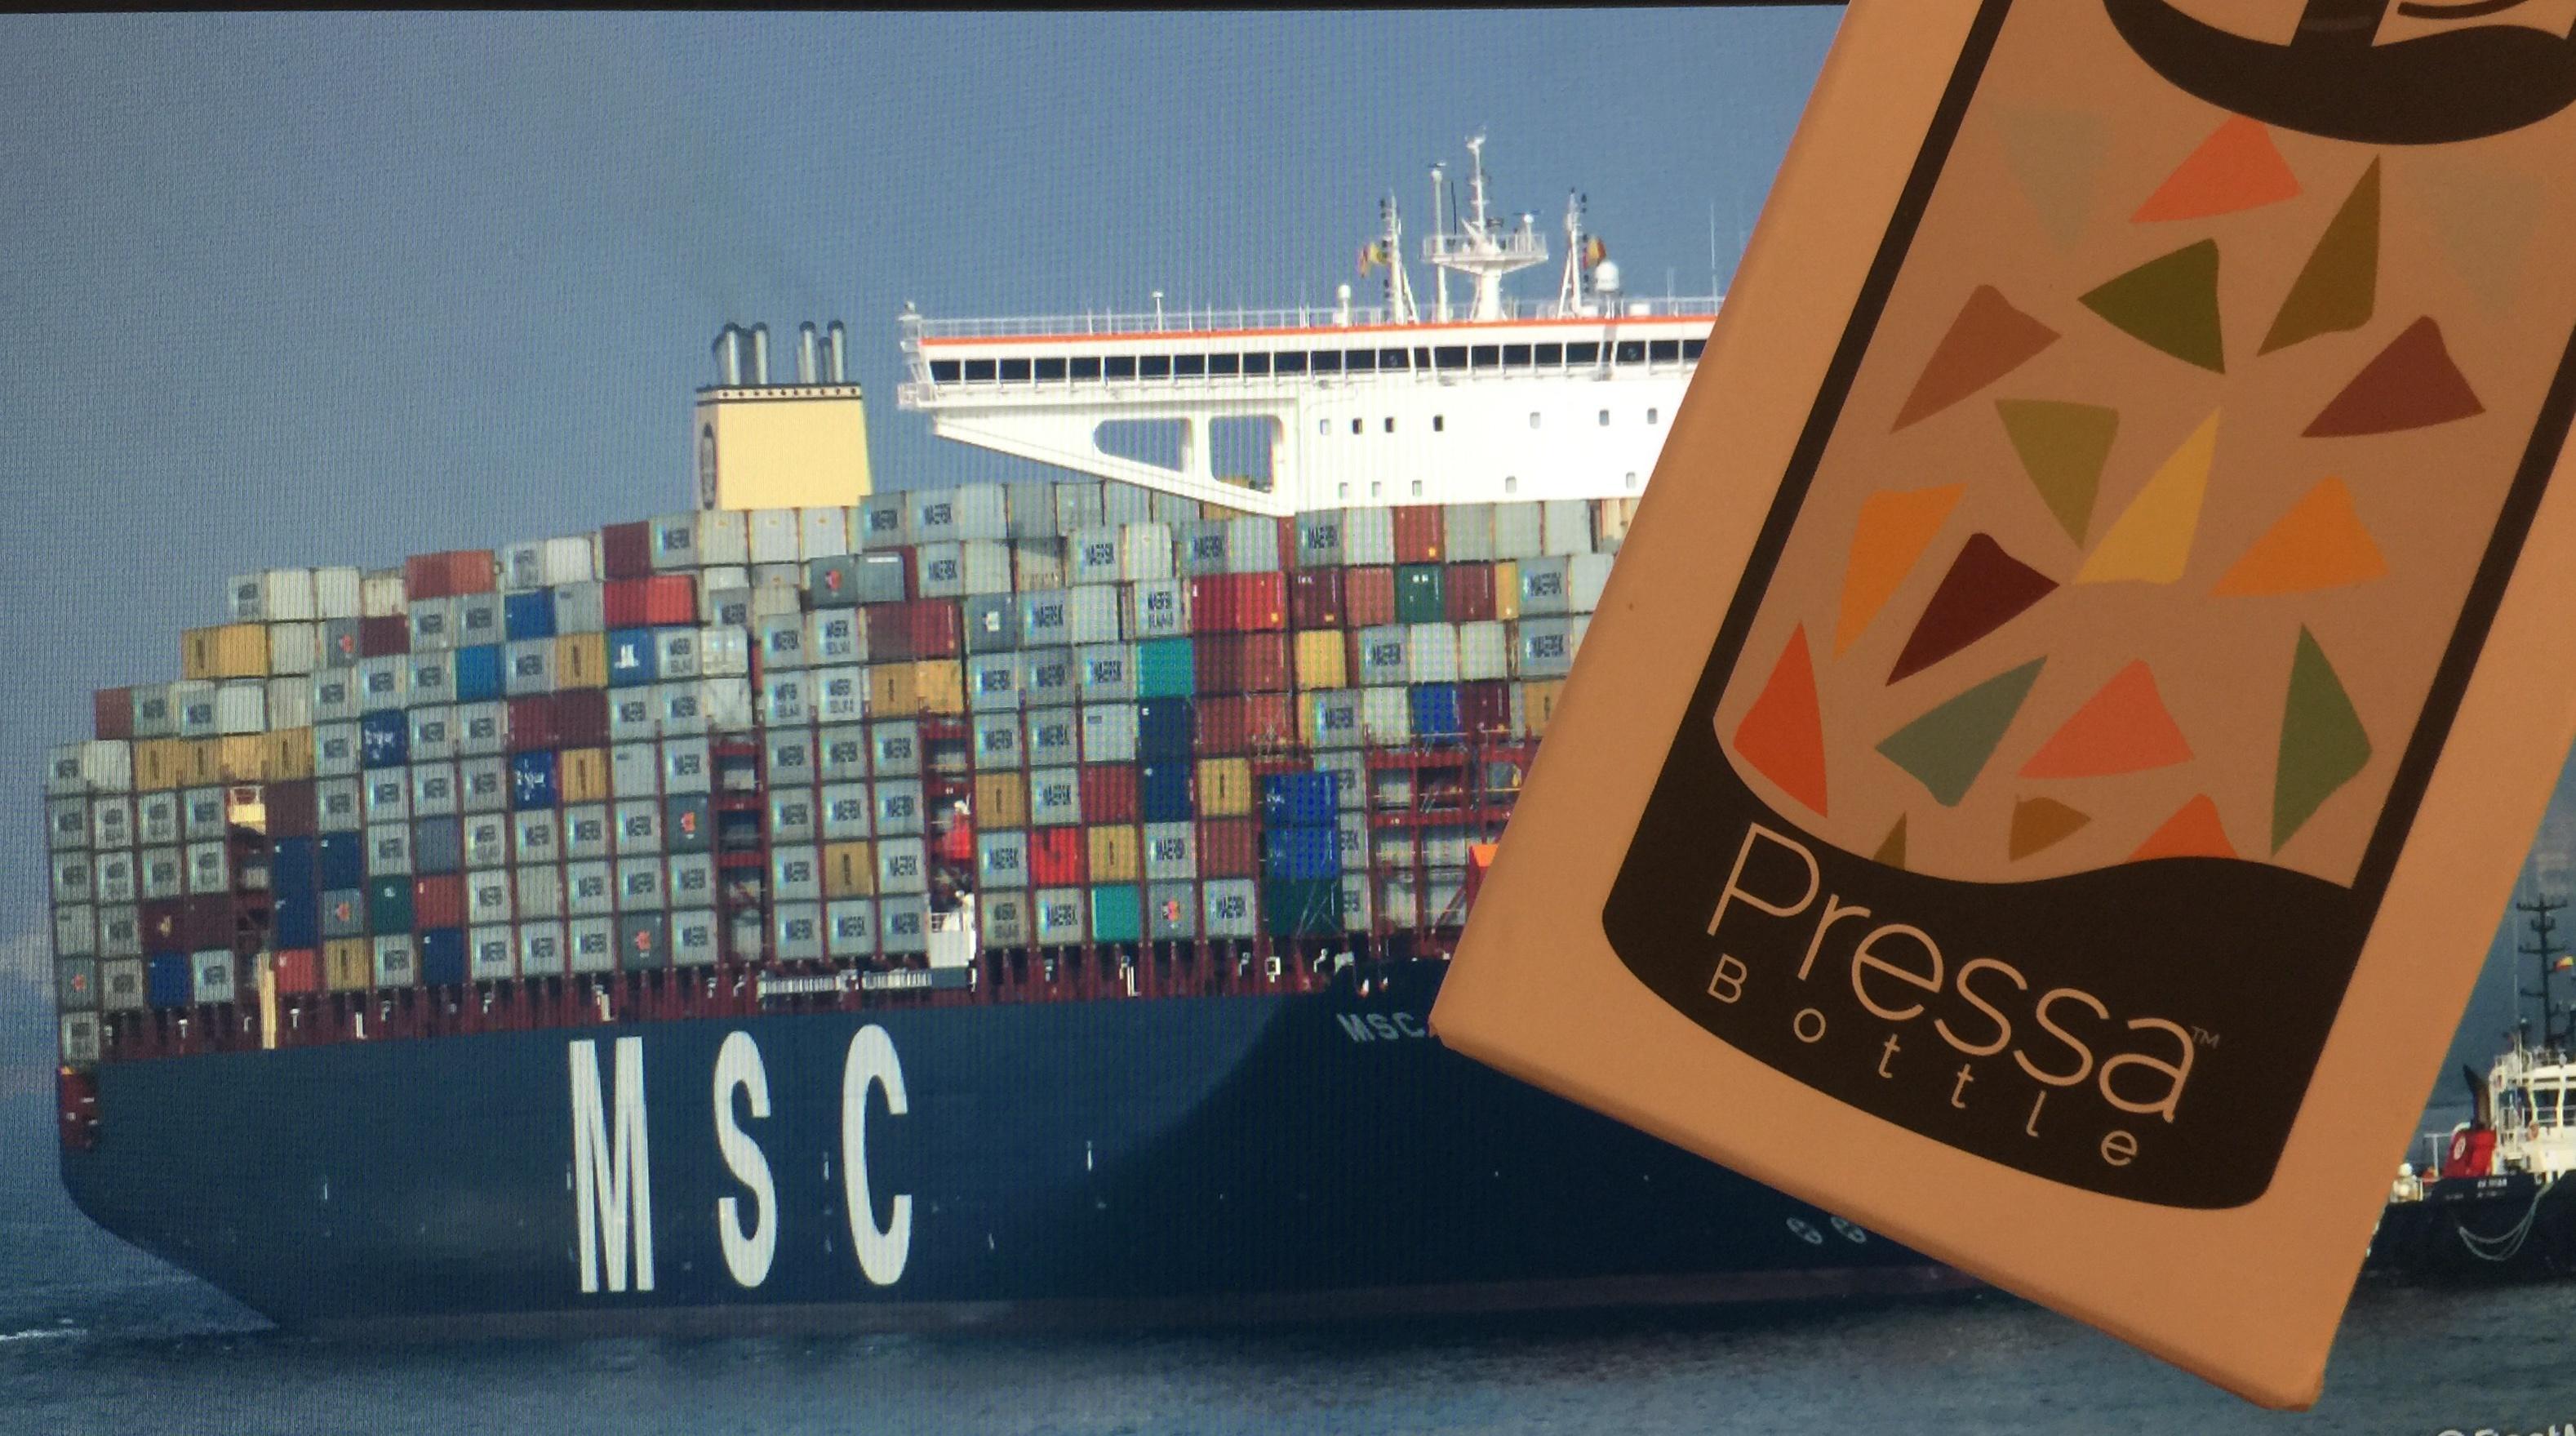 containerschiff_pressabottle.jpg